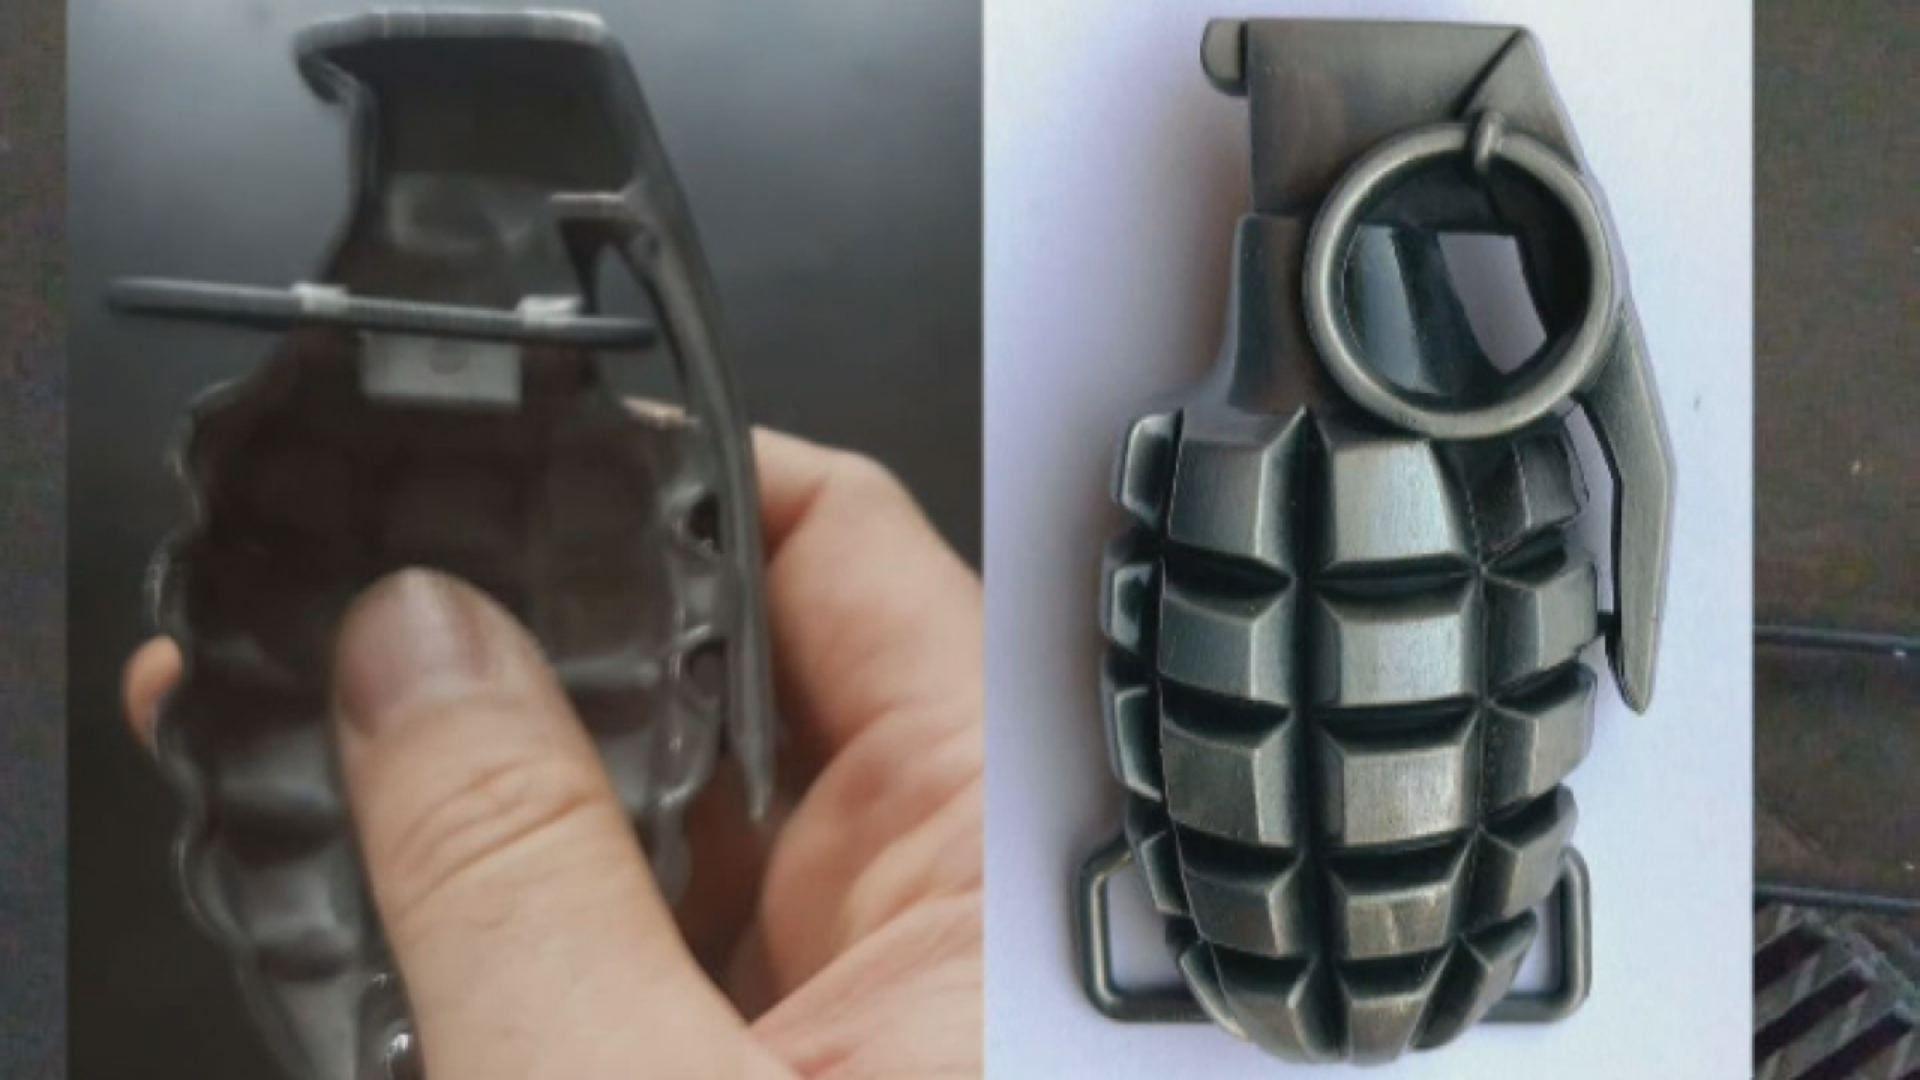 Una hebilla en forma de granada siembra el caos.Dos autobuses de Ouibus en ua imagen de archivo